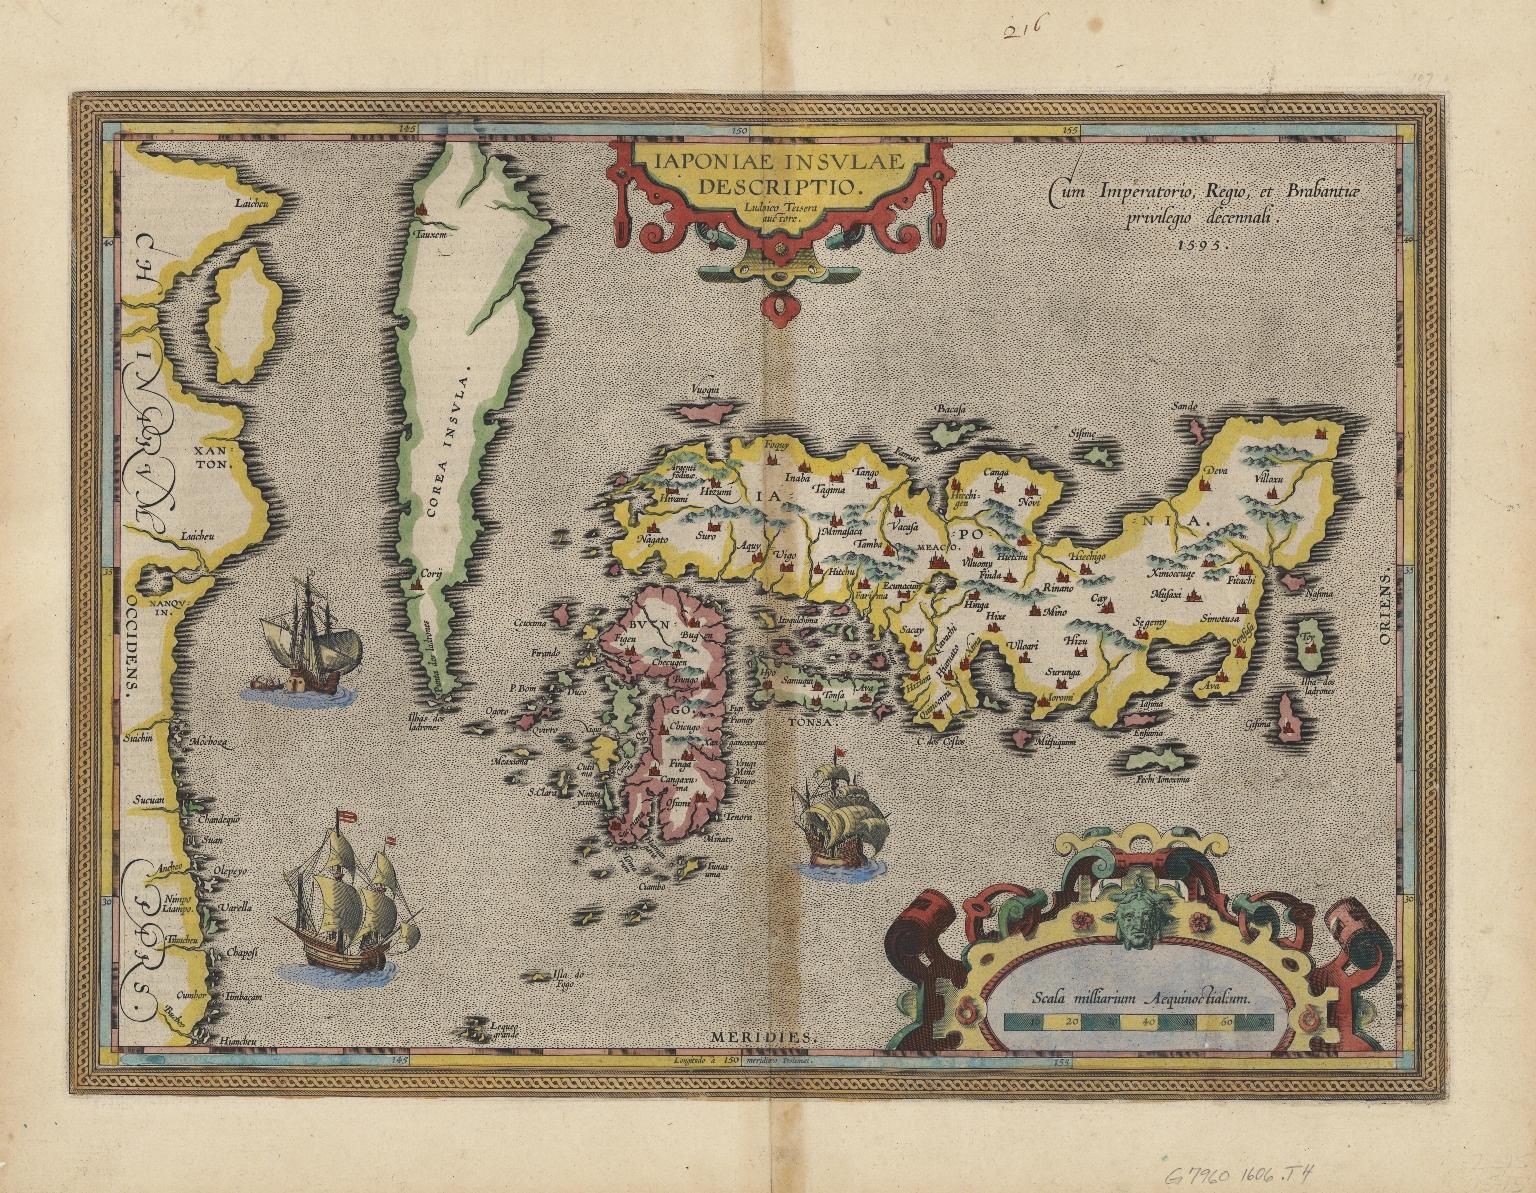 Japoniae insulae descriptio